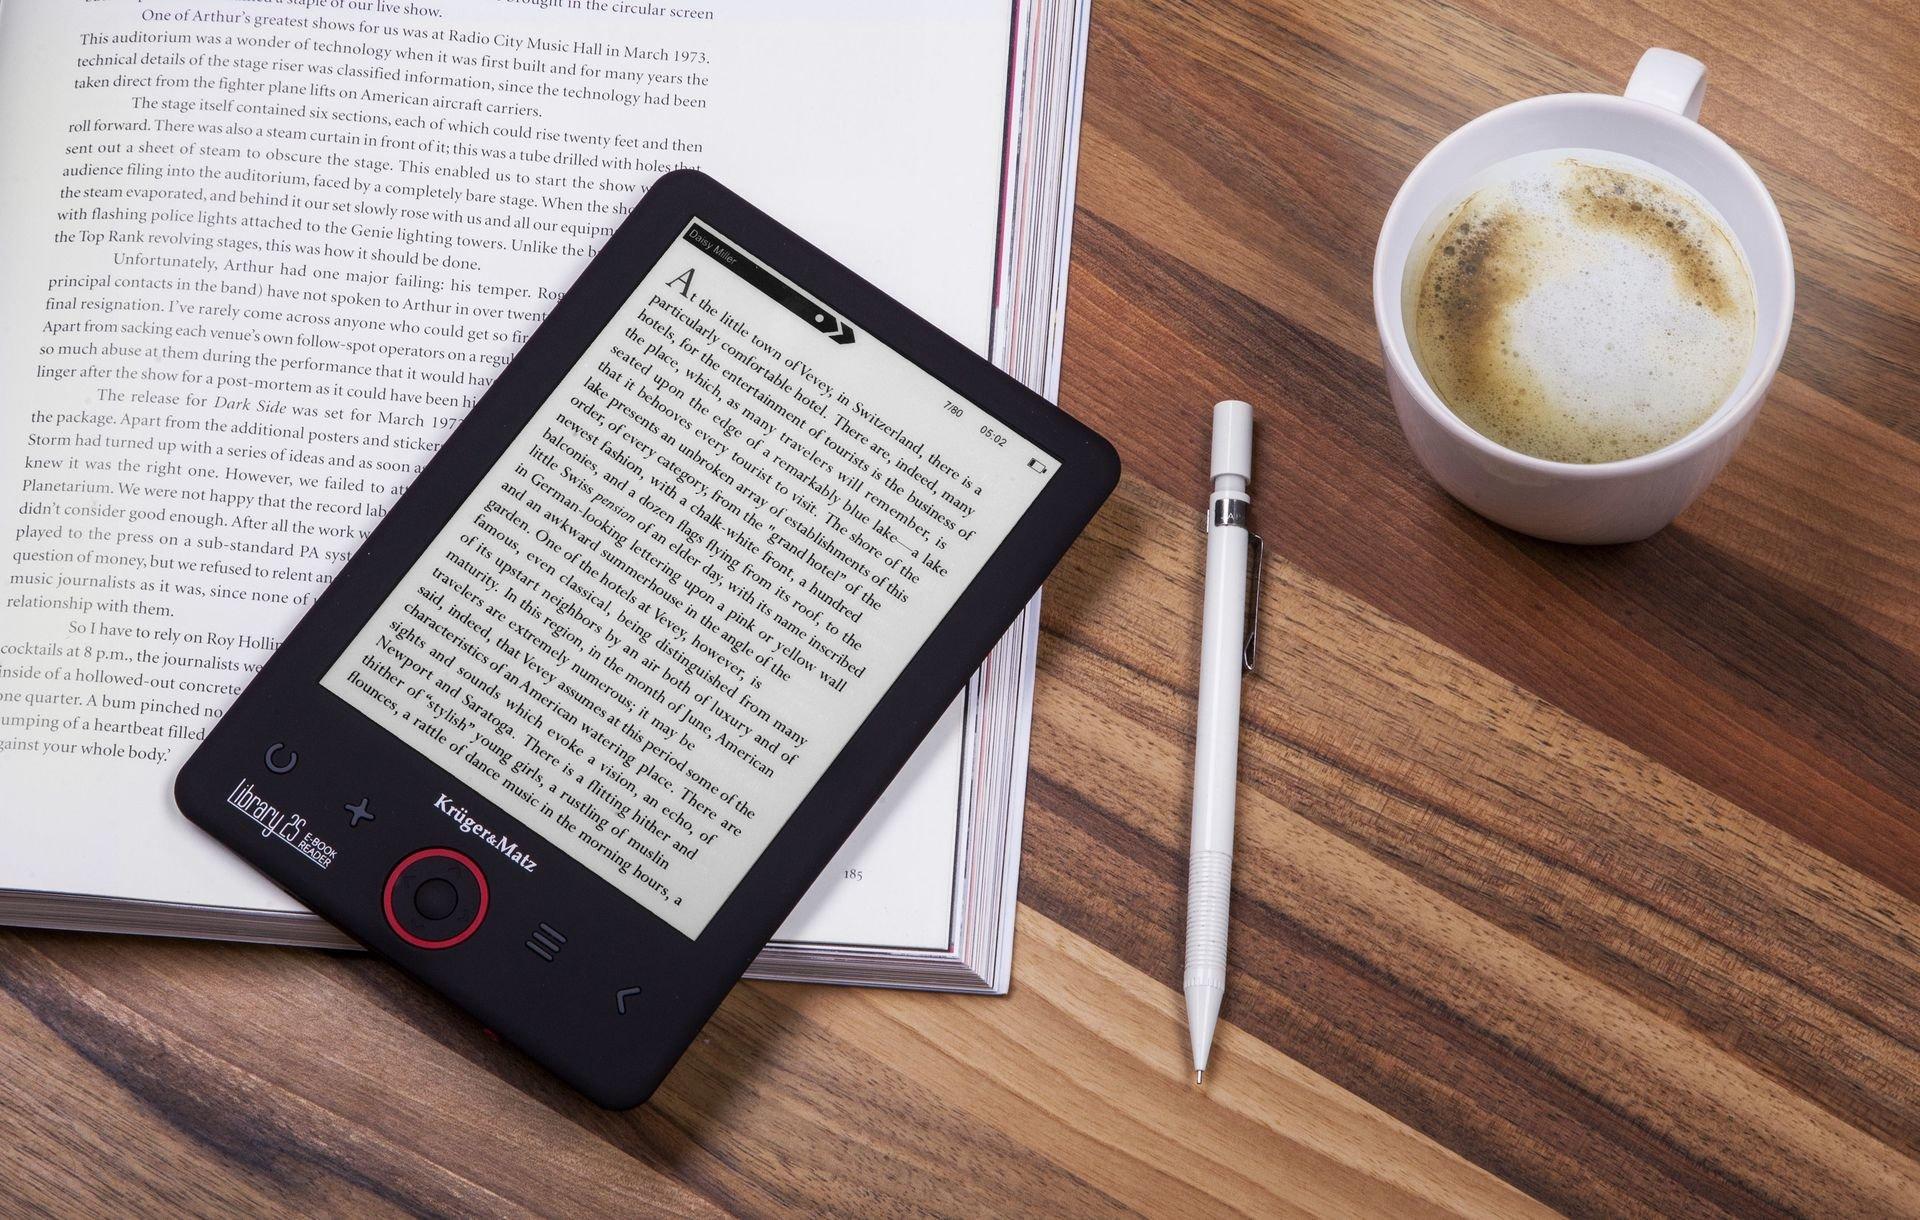 Kruger&Matz wprowadził do oferty nowe czytniki e-book